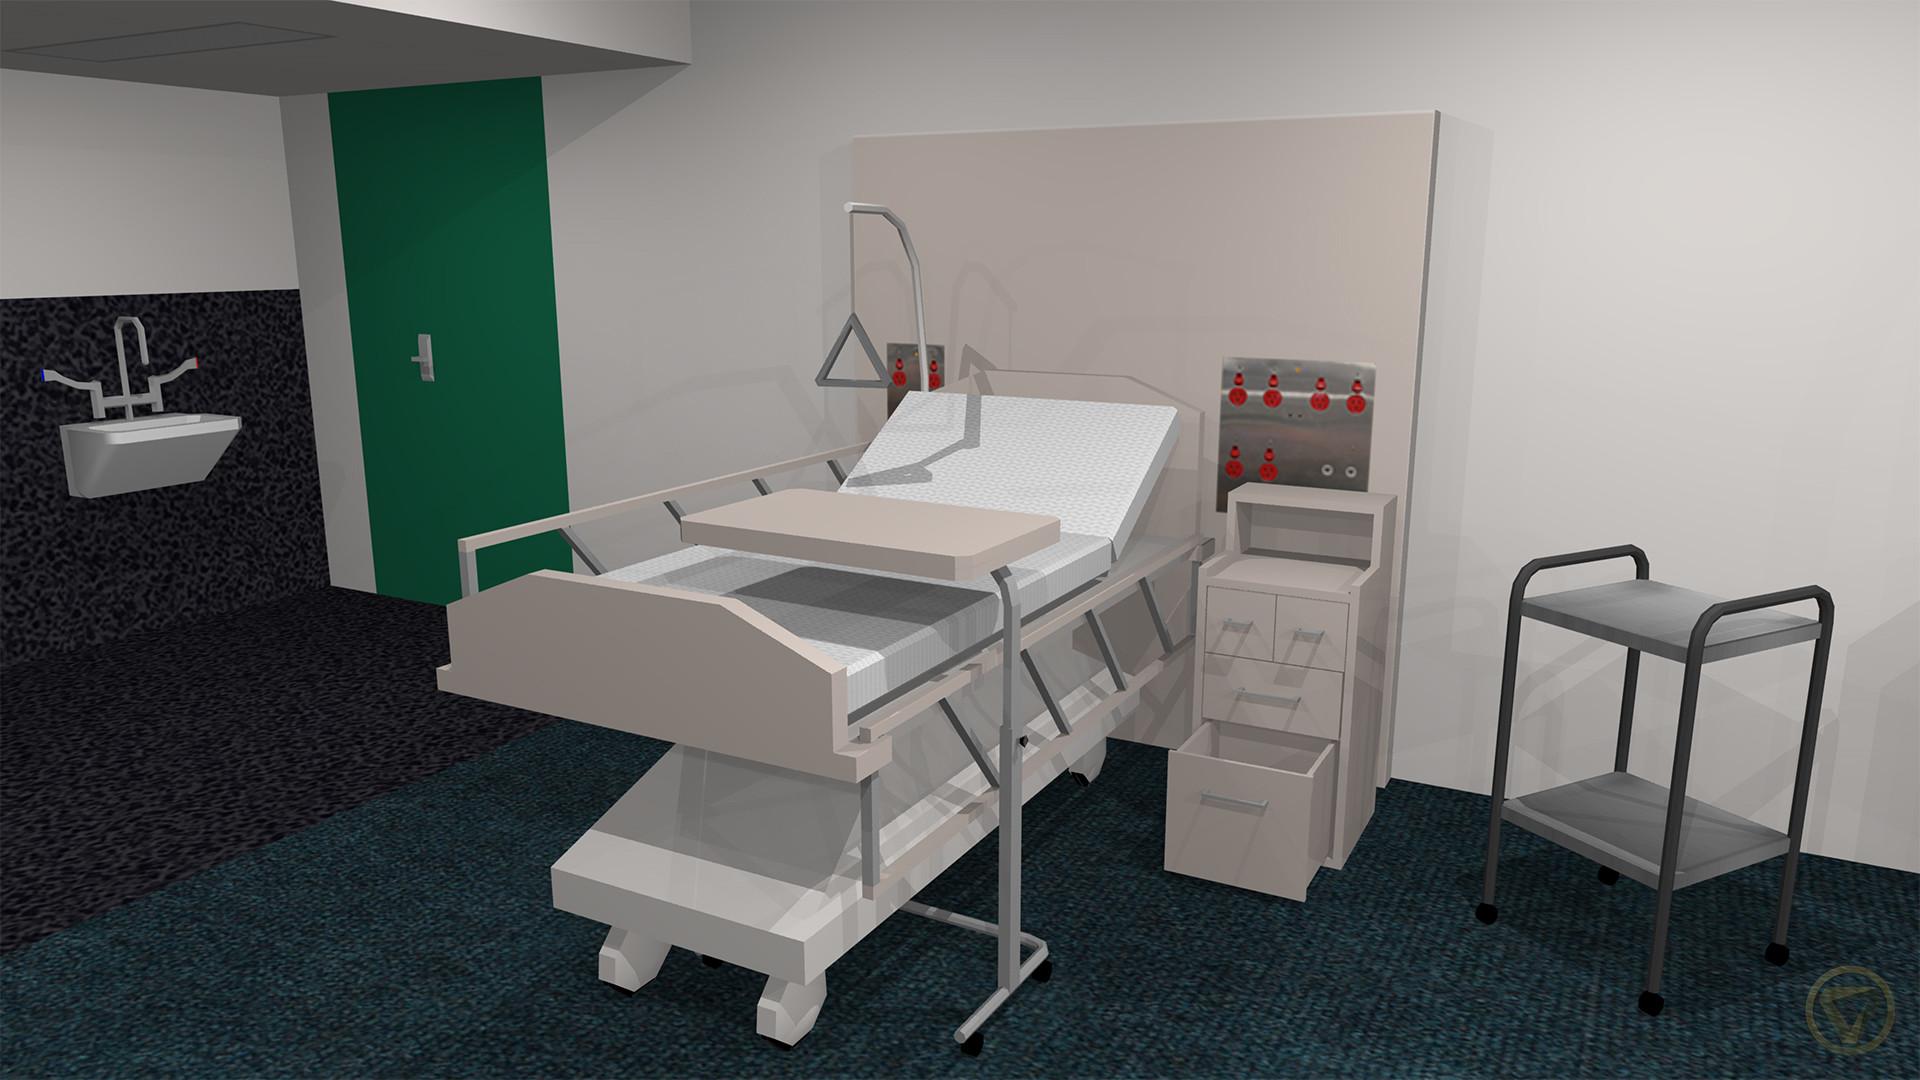 Caine lanigan nursing room 2